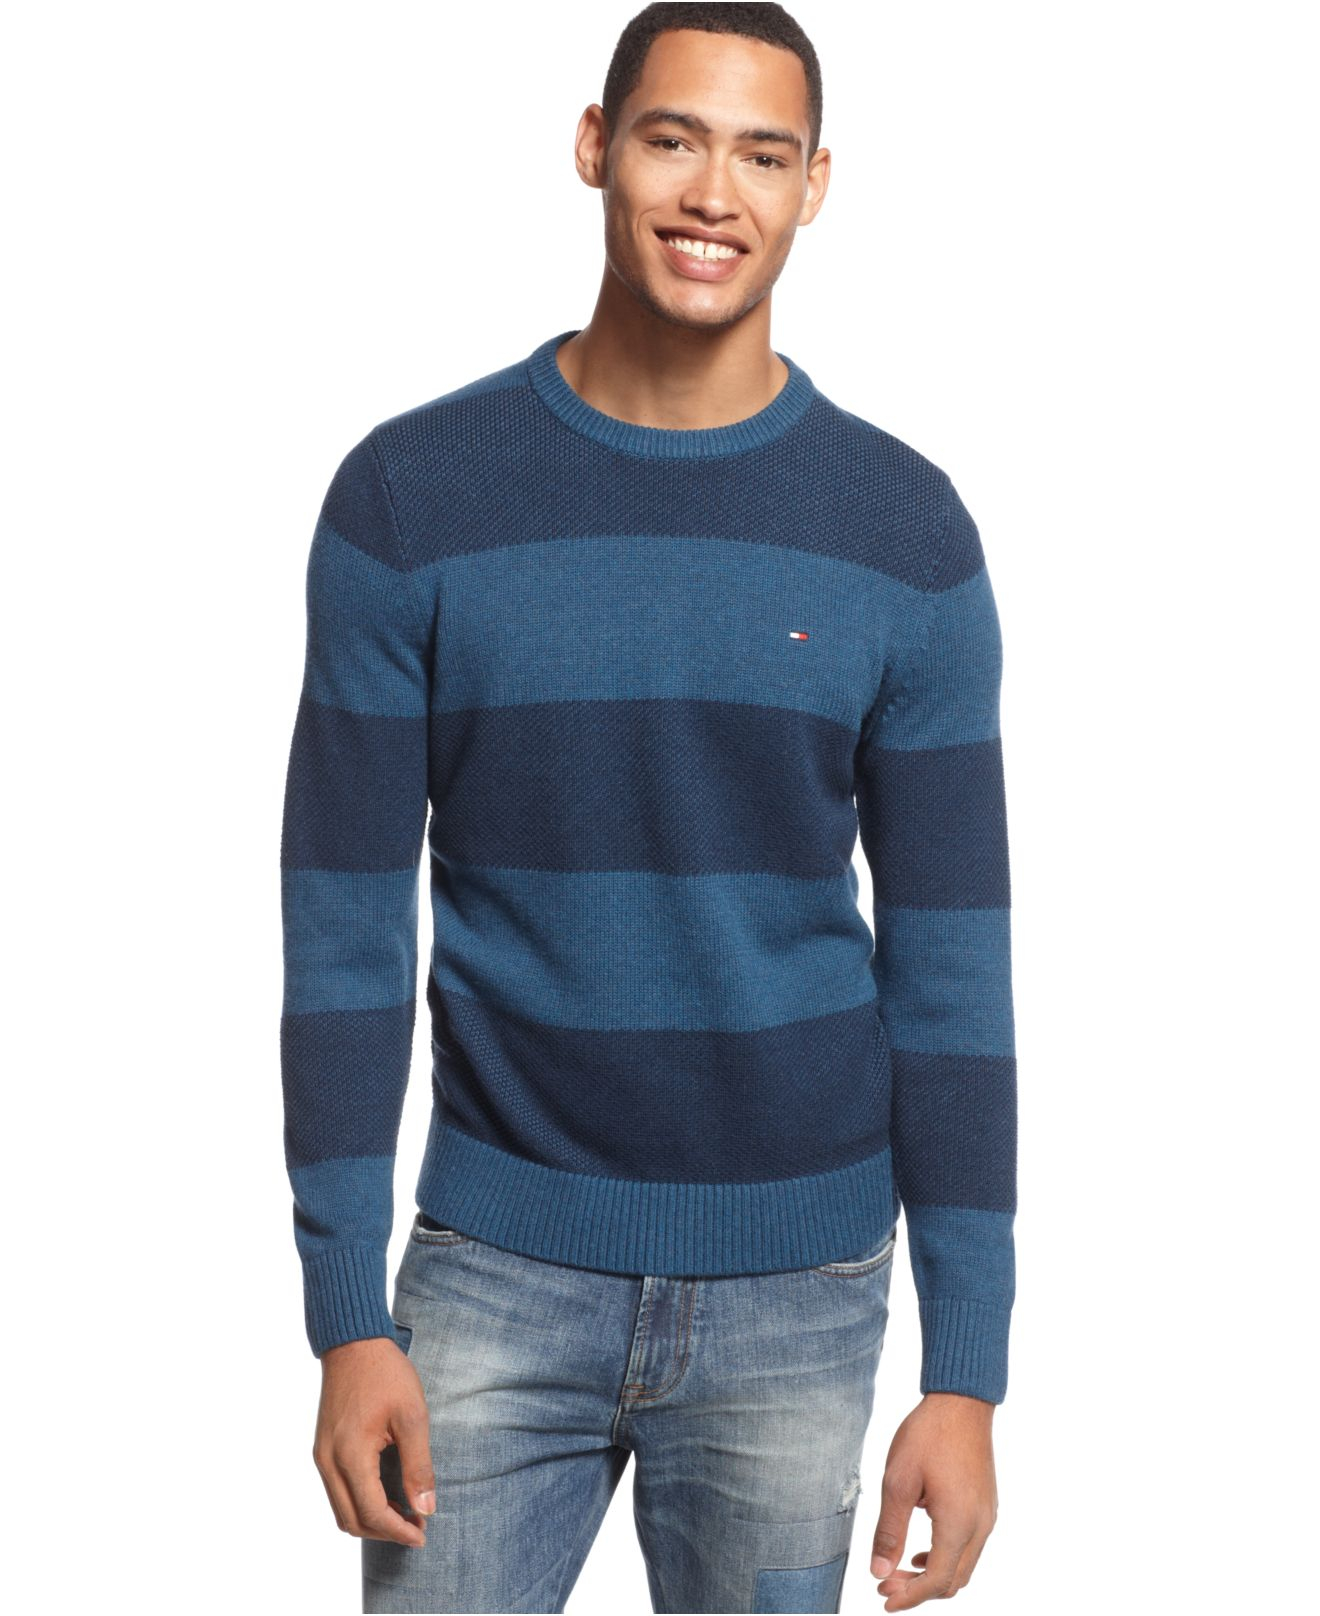 22161beb49321 Tommy Hilfiger - Wool Crewneck Sweater Mens Sweaters   Fleece Windsor Wine    ReadAndTellMe. Gallery